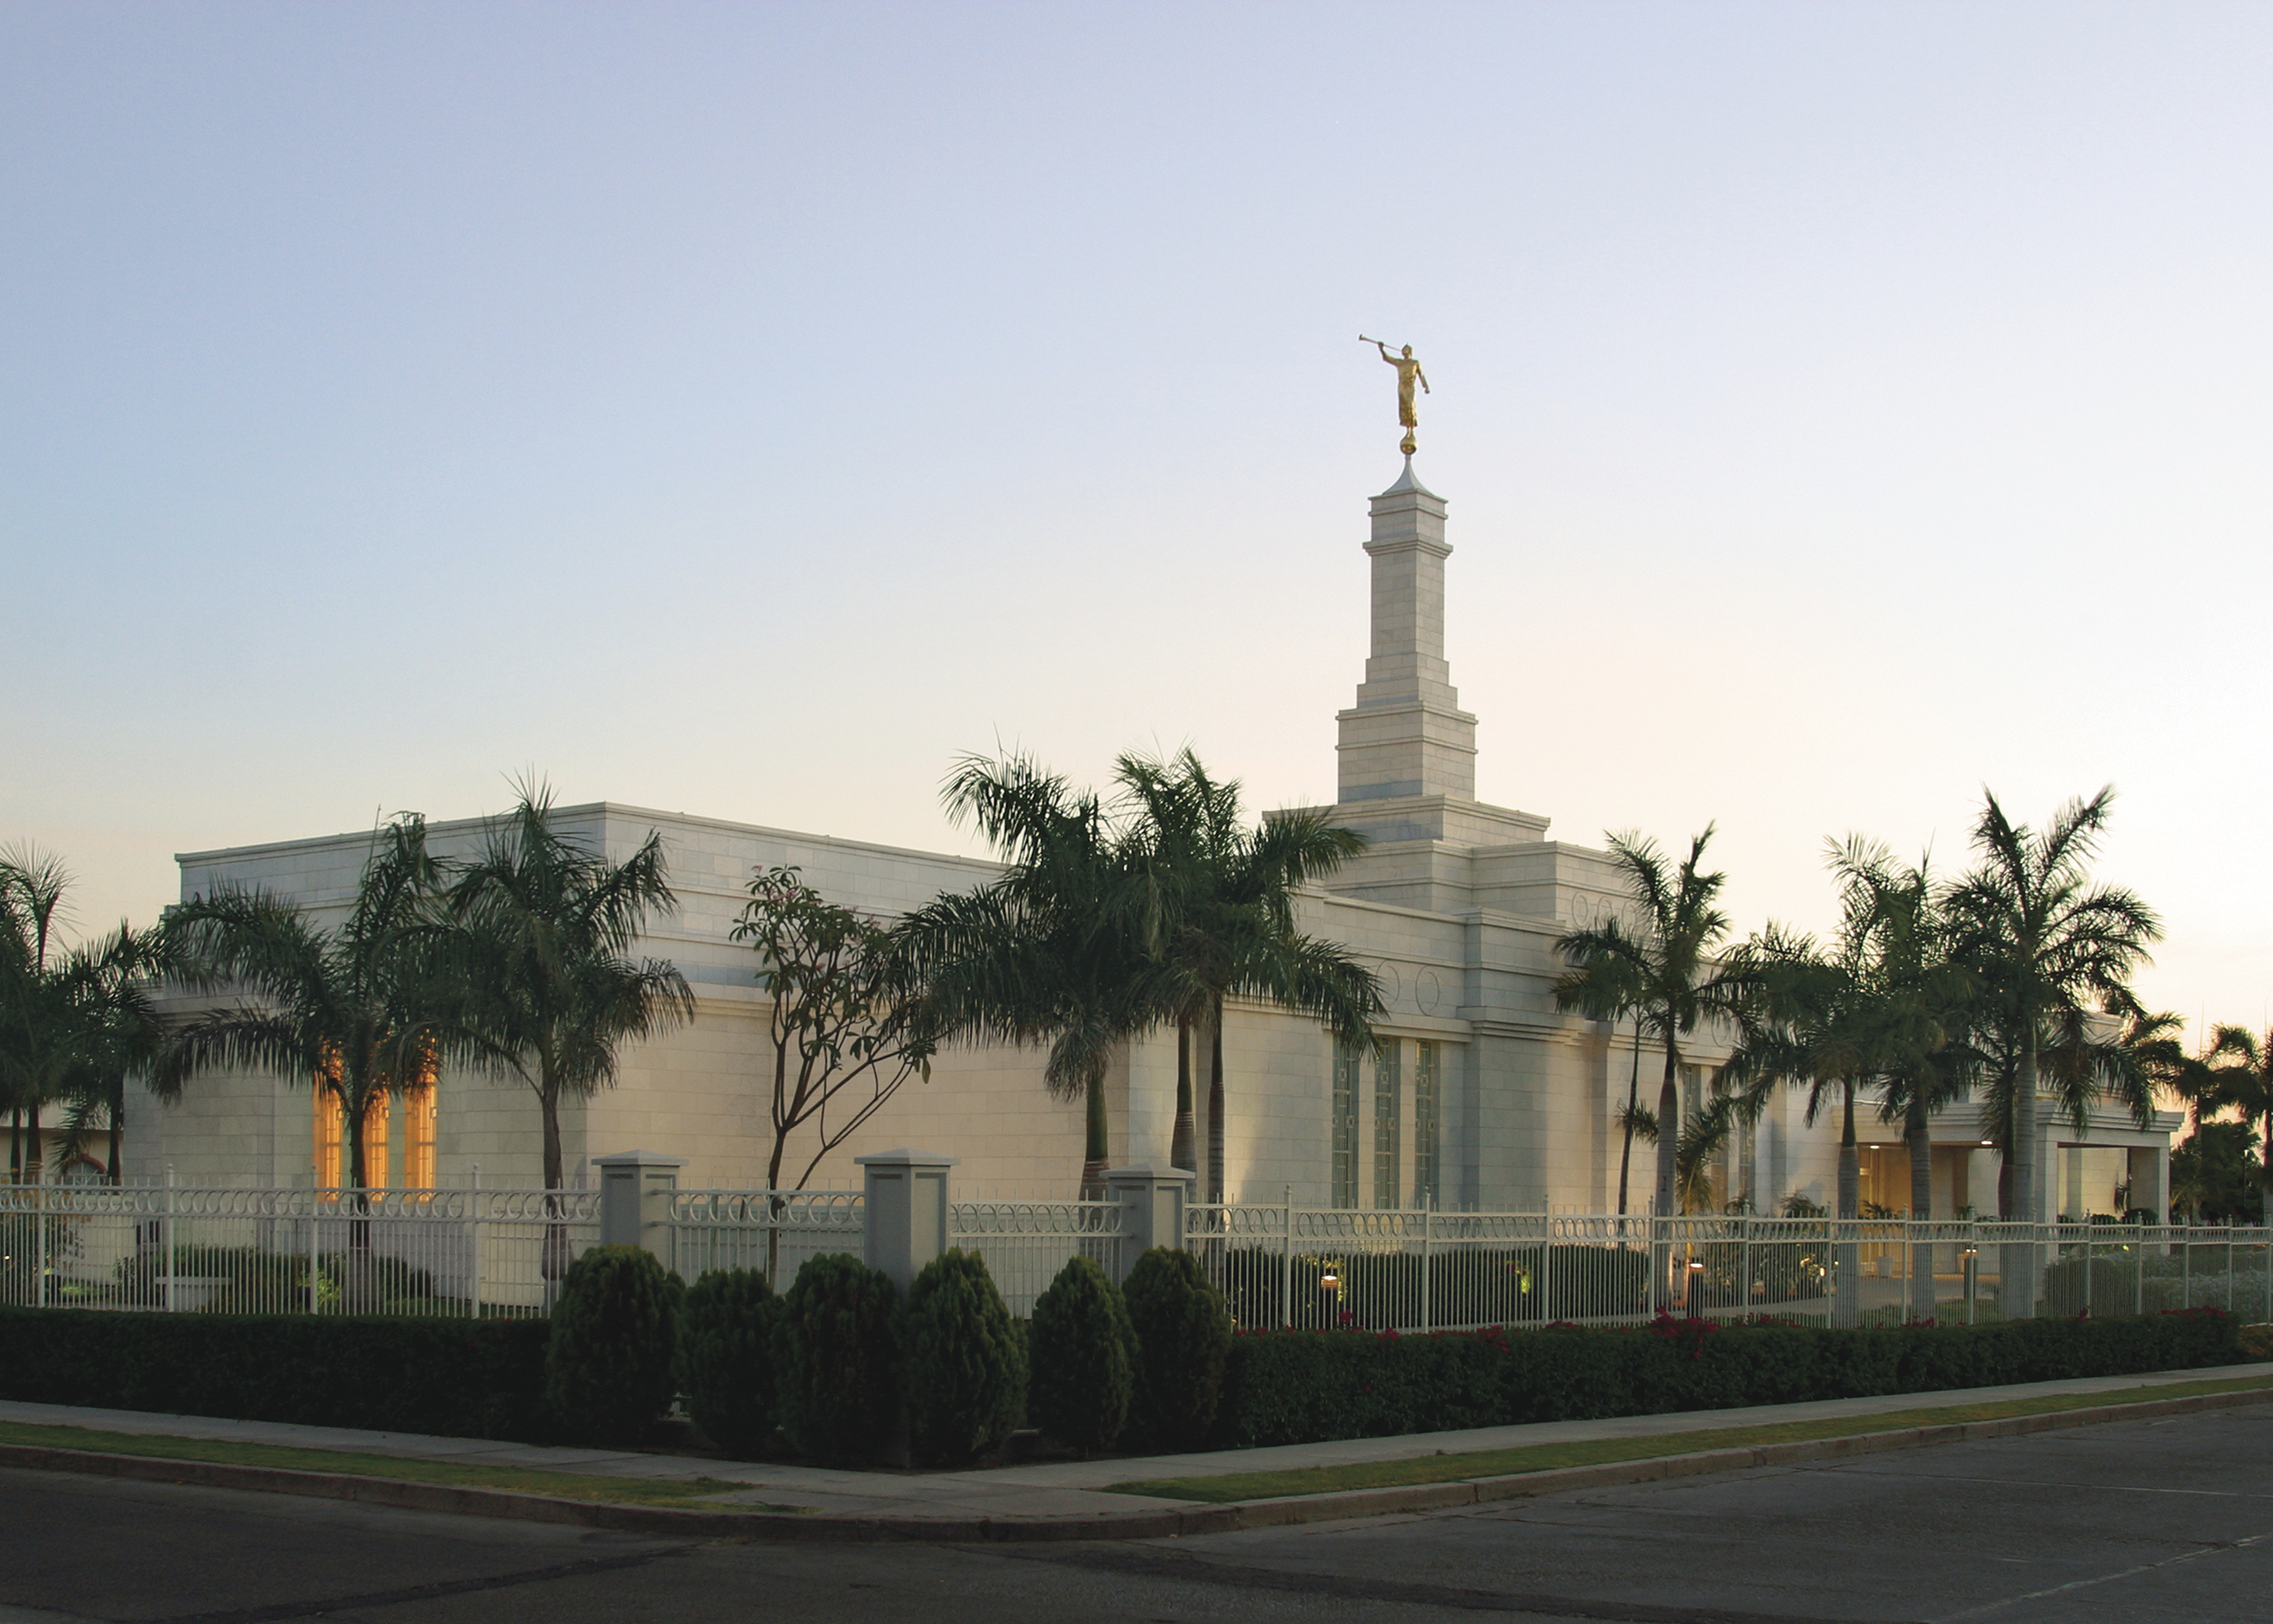 An exterior view of the Hermosillo Sonora Mexico Temple.